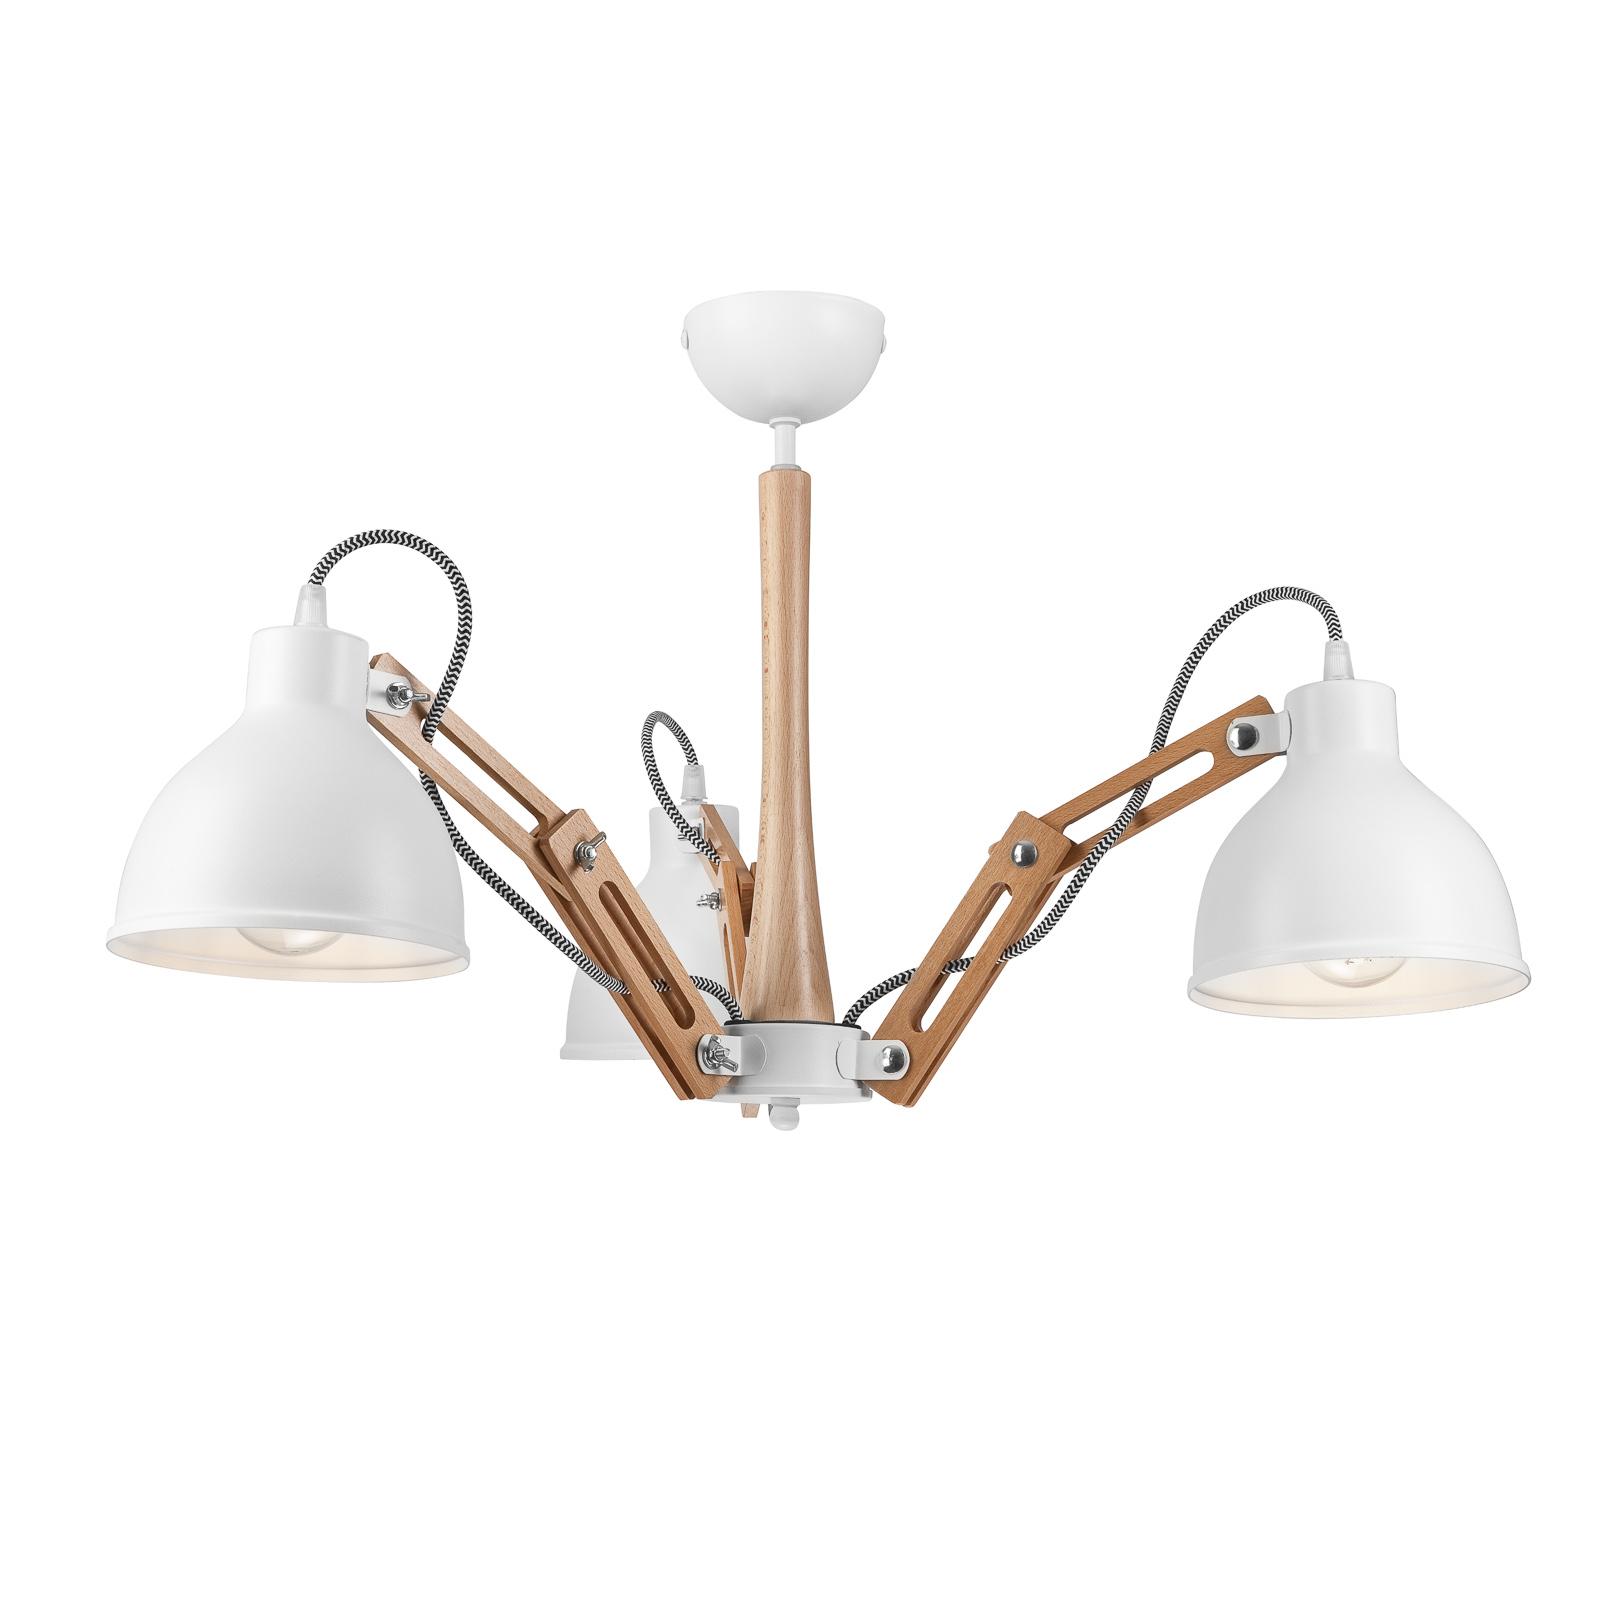 Skansen loftlampe, 3 lyskilder, justerbar, hvid